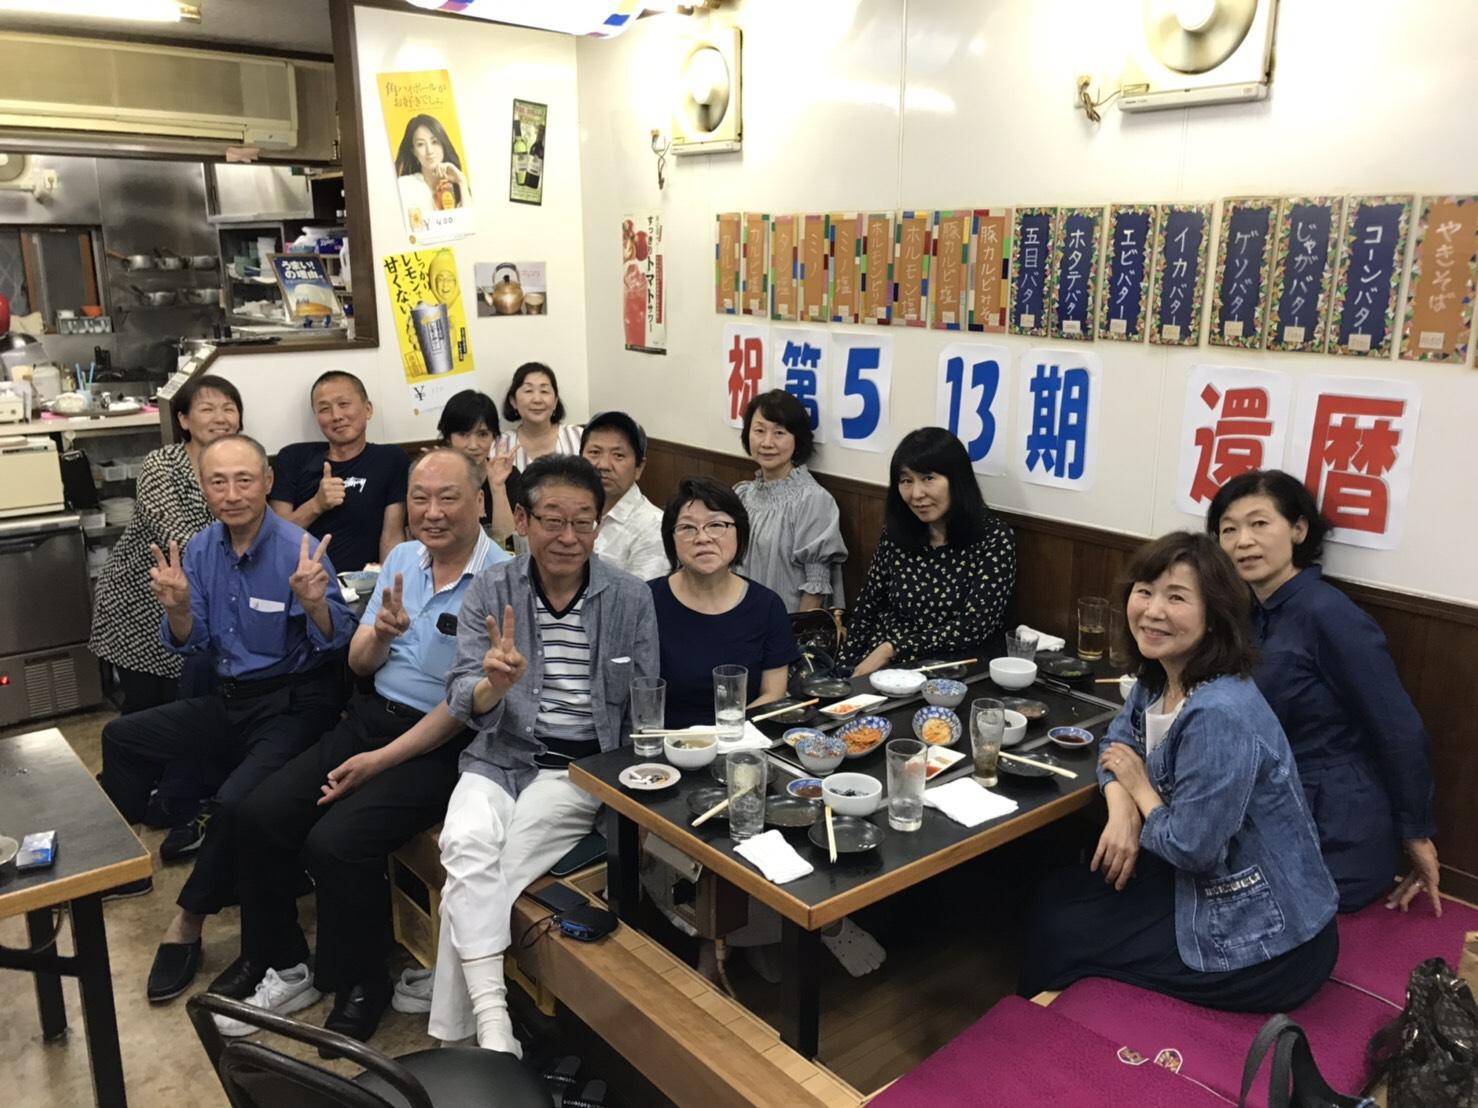 第5 還暦同窓会を開催